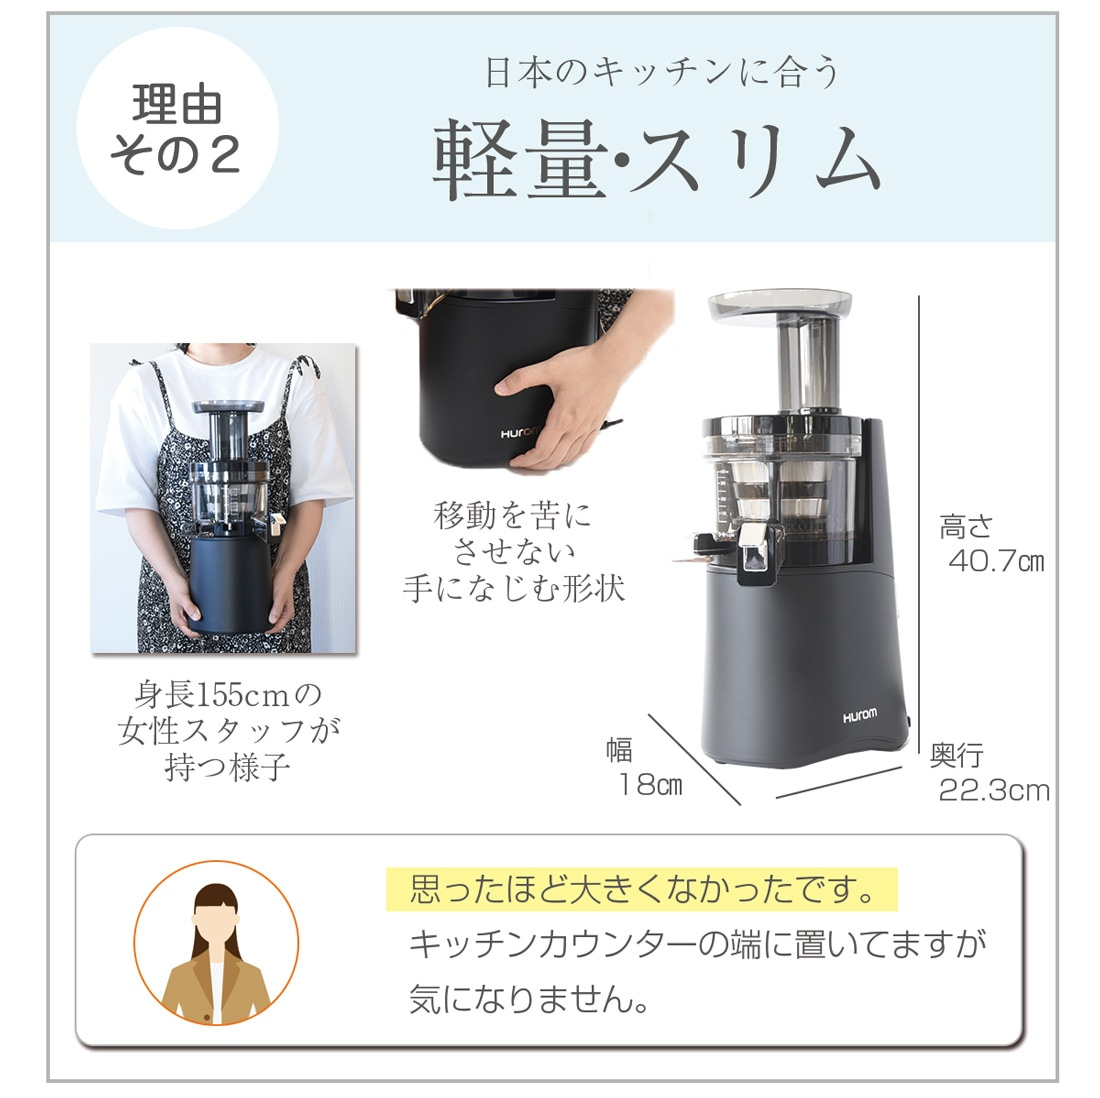 日本のキッチンに合う計量・スリム